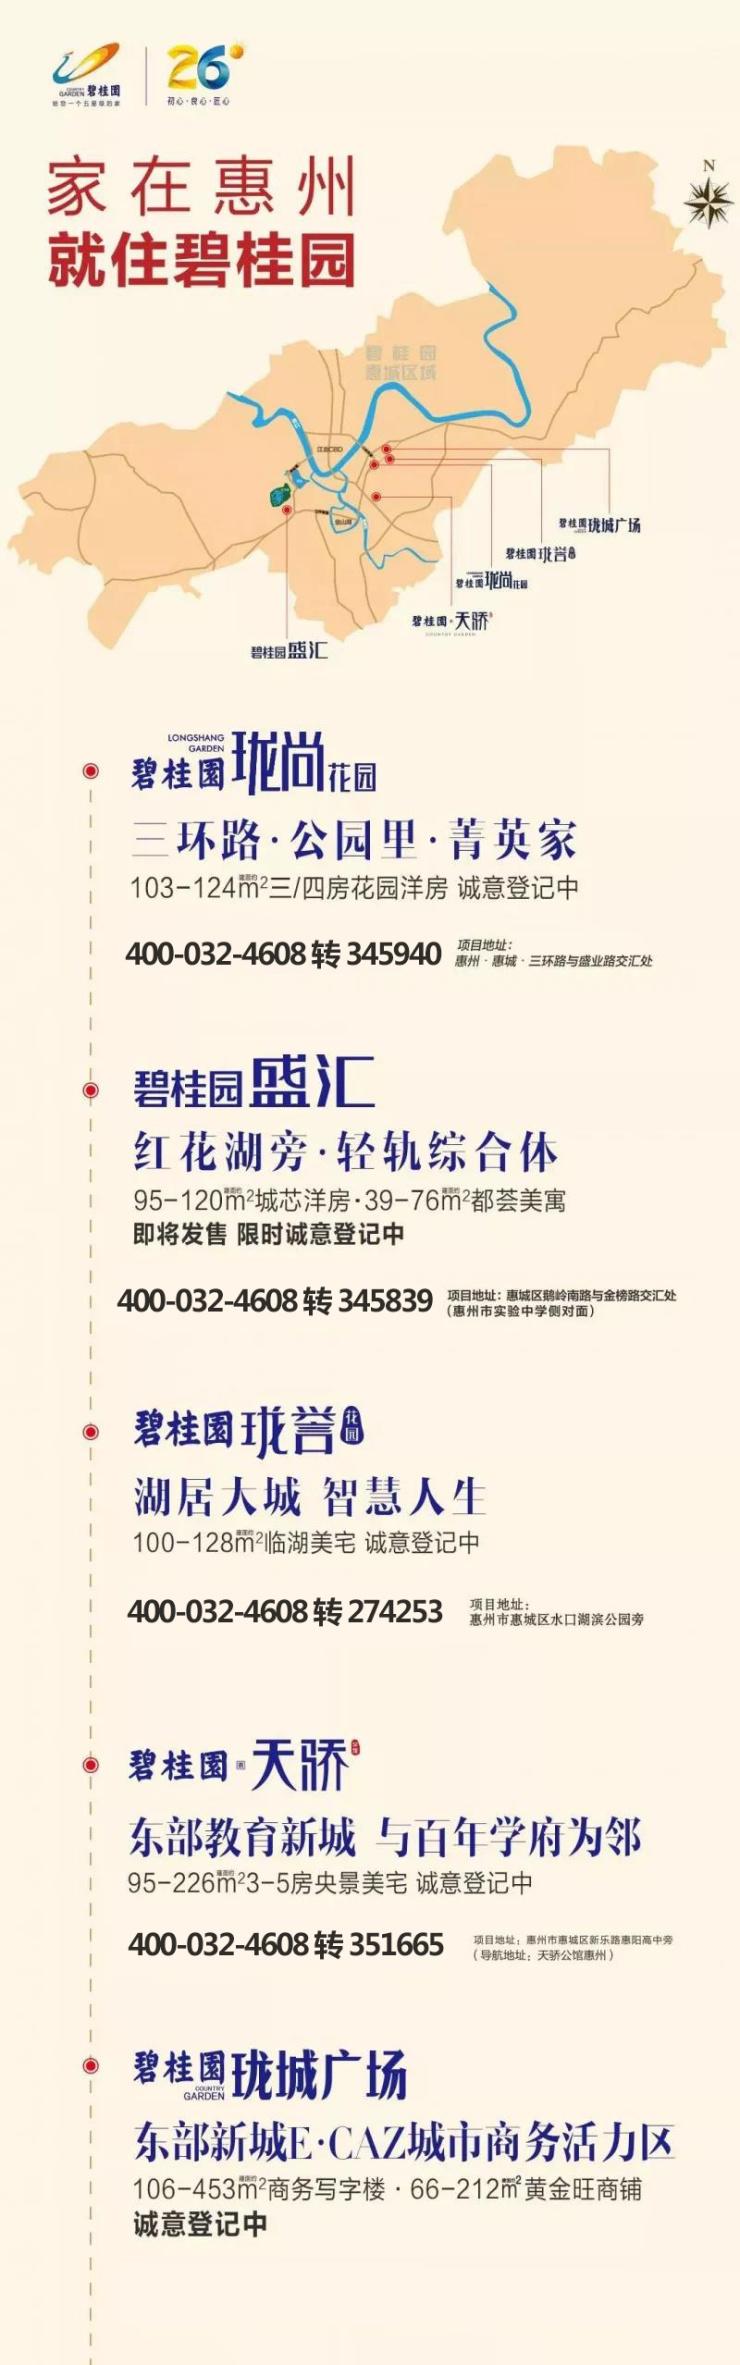 碧桂园天骄公馆 多所名校环伺,为孩子的未来筑家